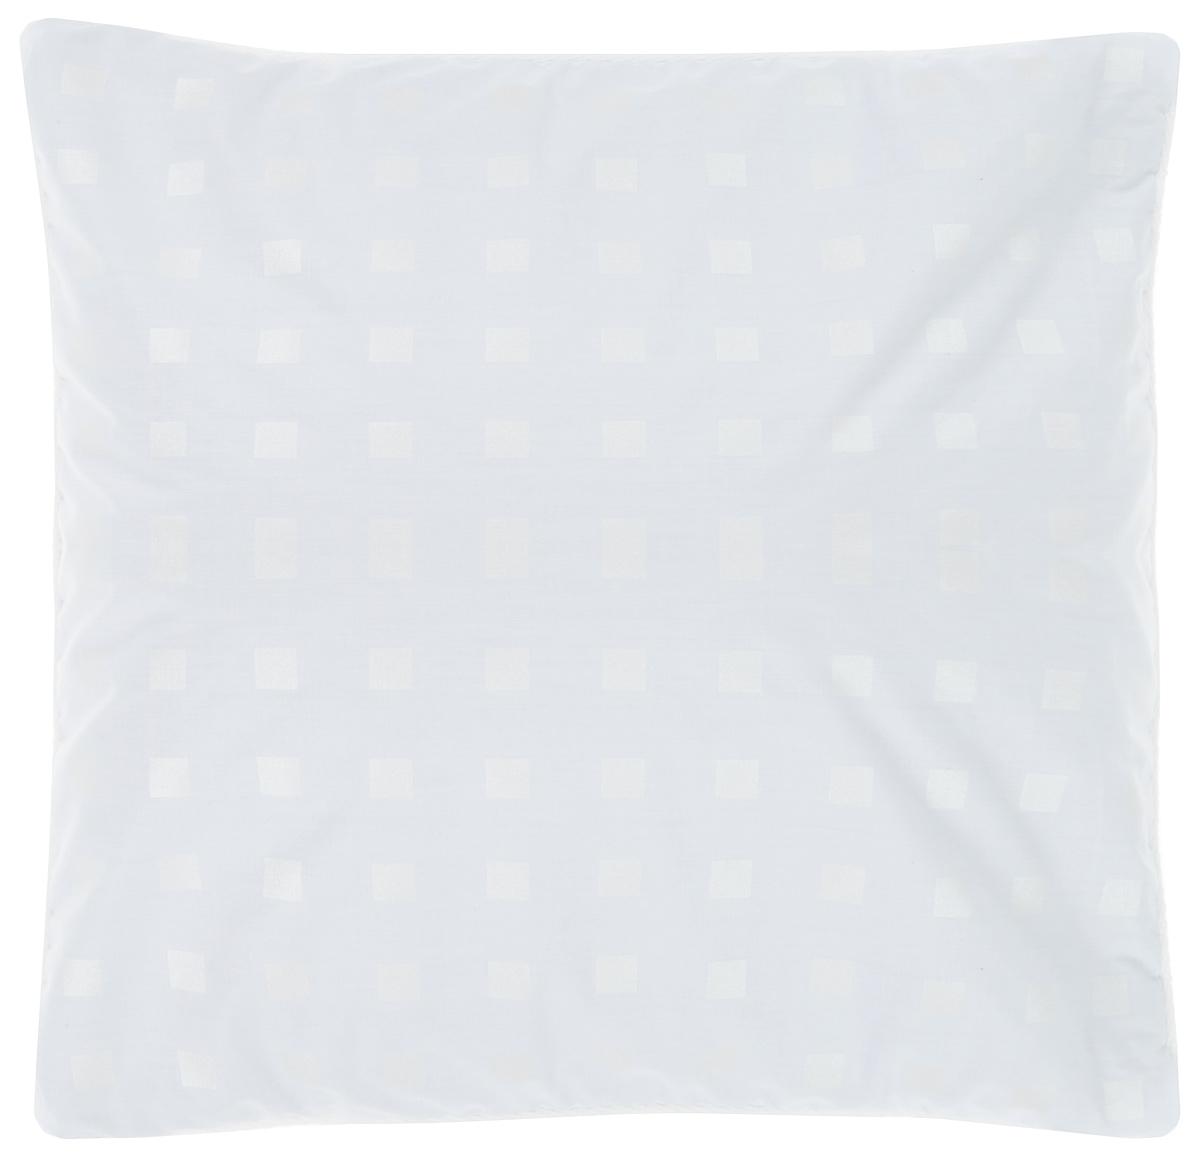 Подушка Bio-Texteles Сила природы, наполнитель: лузга гречихи, 40 х 40 см. SP286 подушка bio textiles здоровый сон наполнитель лузга гречихи 40 х 60 см